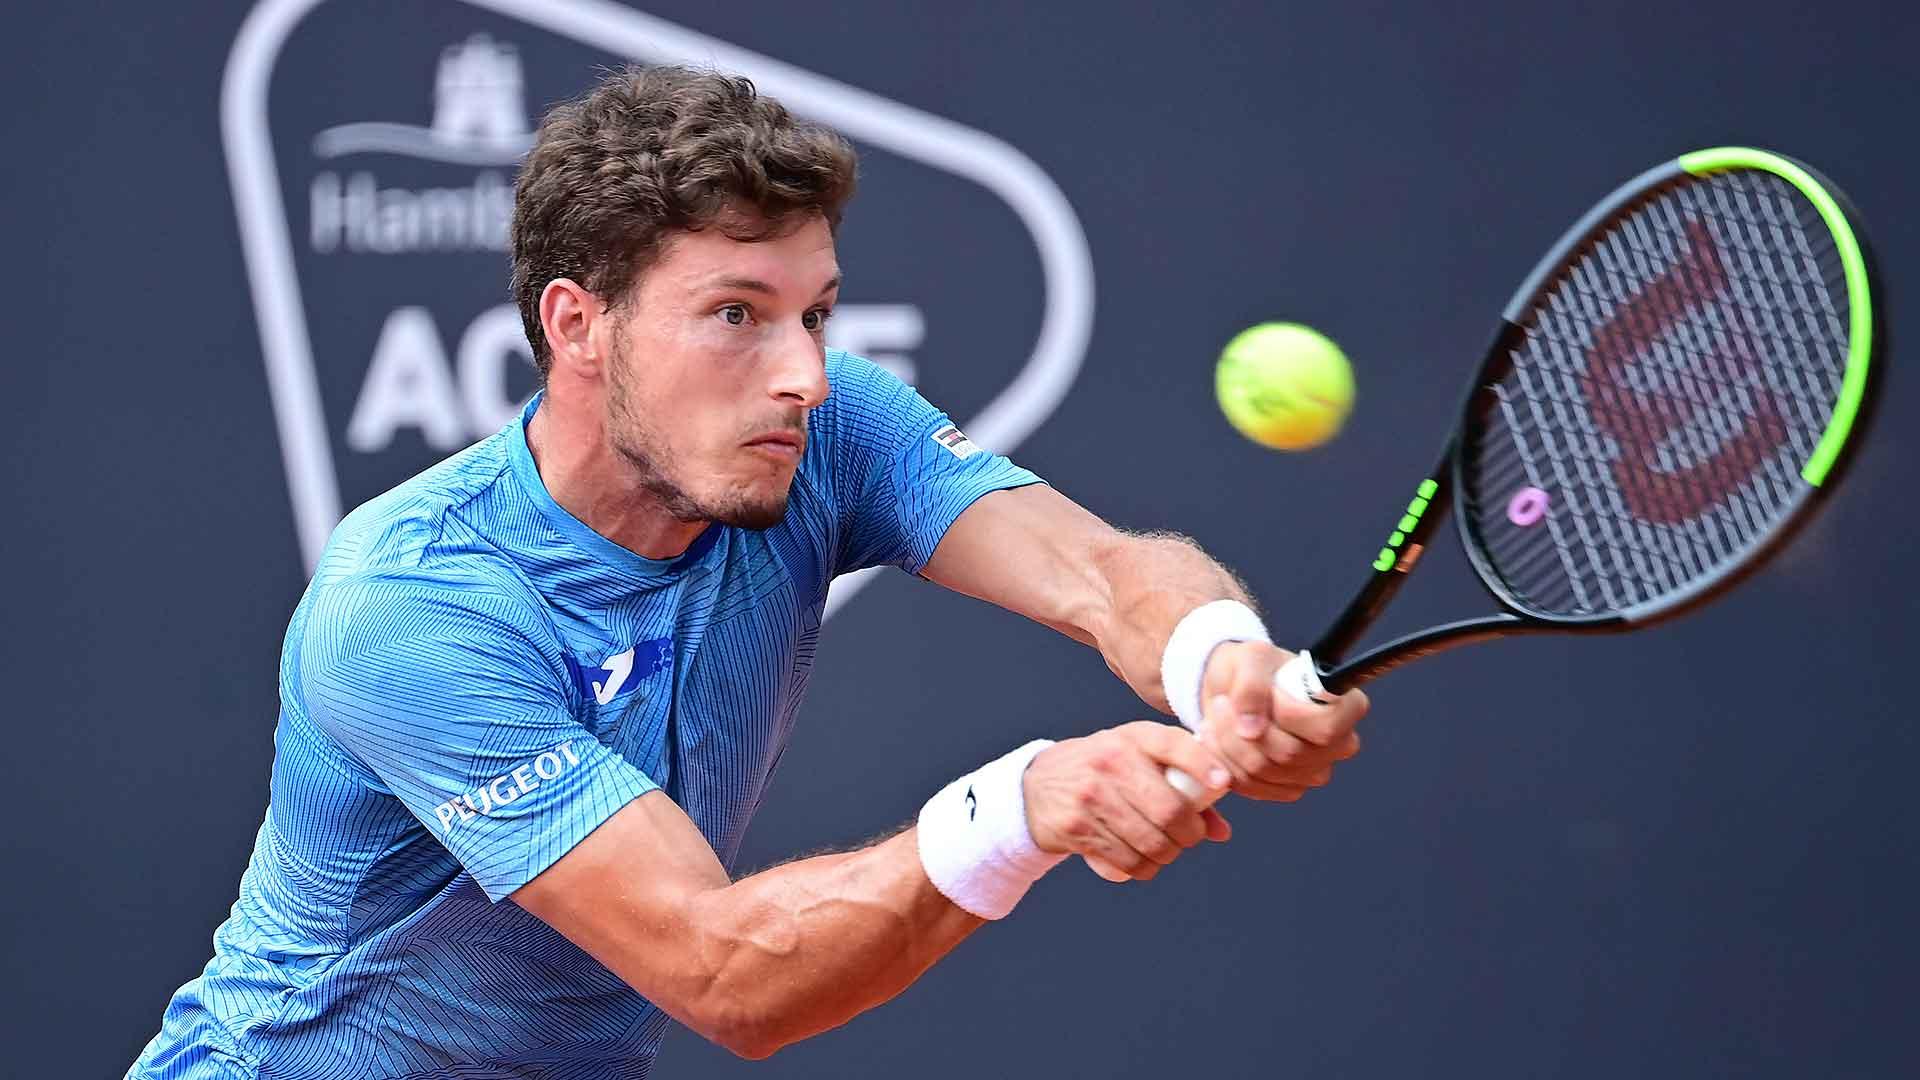 Hamburg Open 2021: Pablo Carreno Busta vs. Federico Delbonis Tennis Pick and Prediction